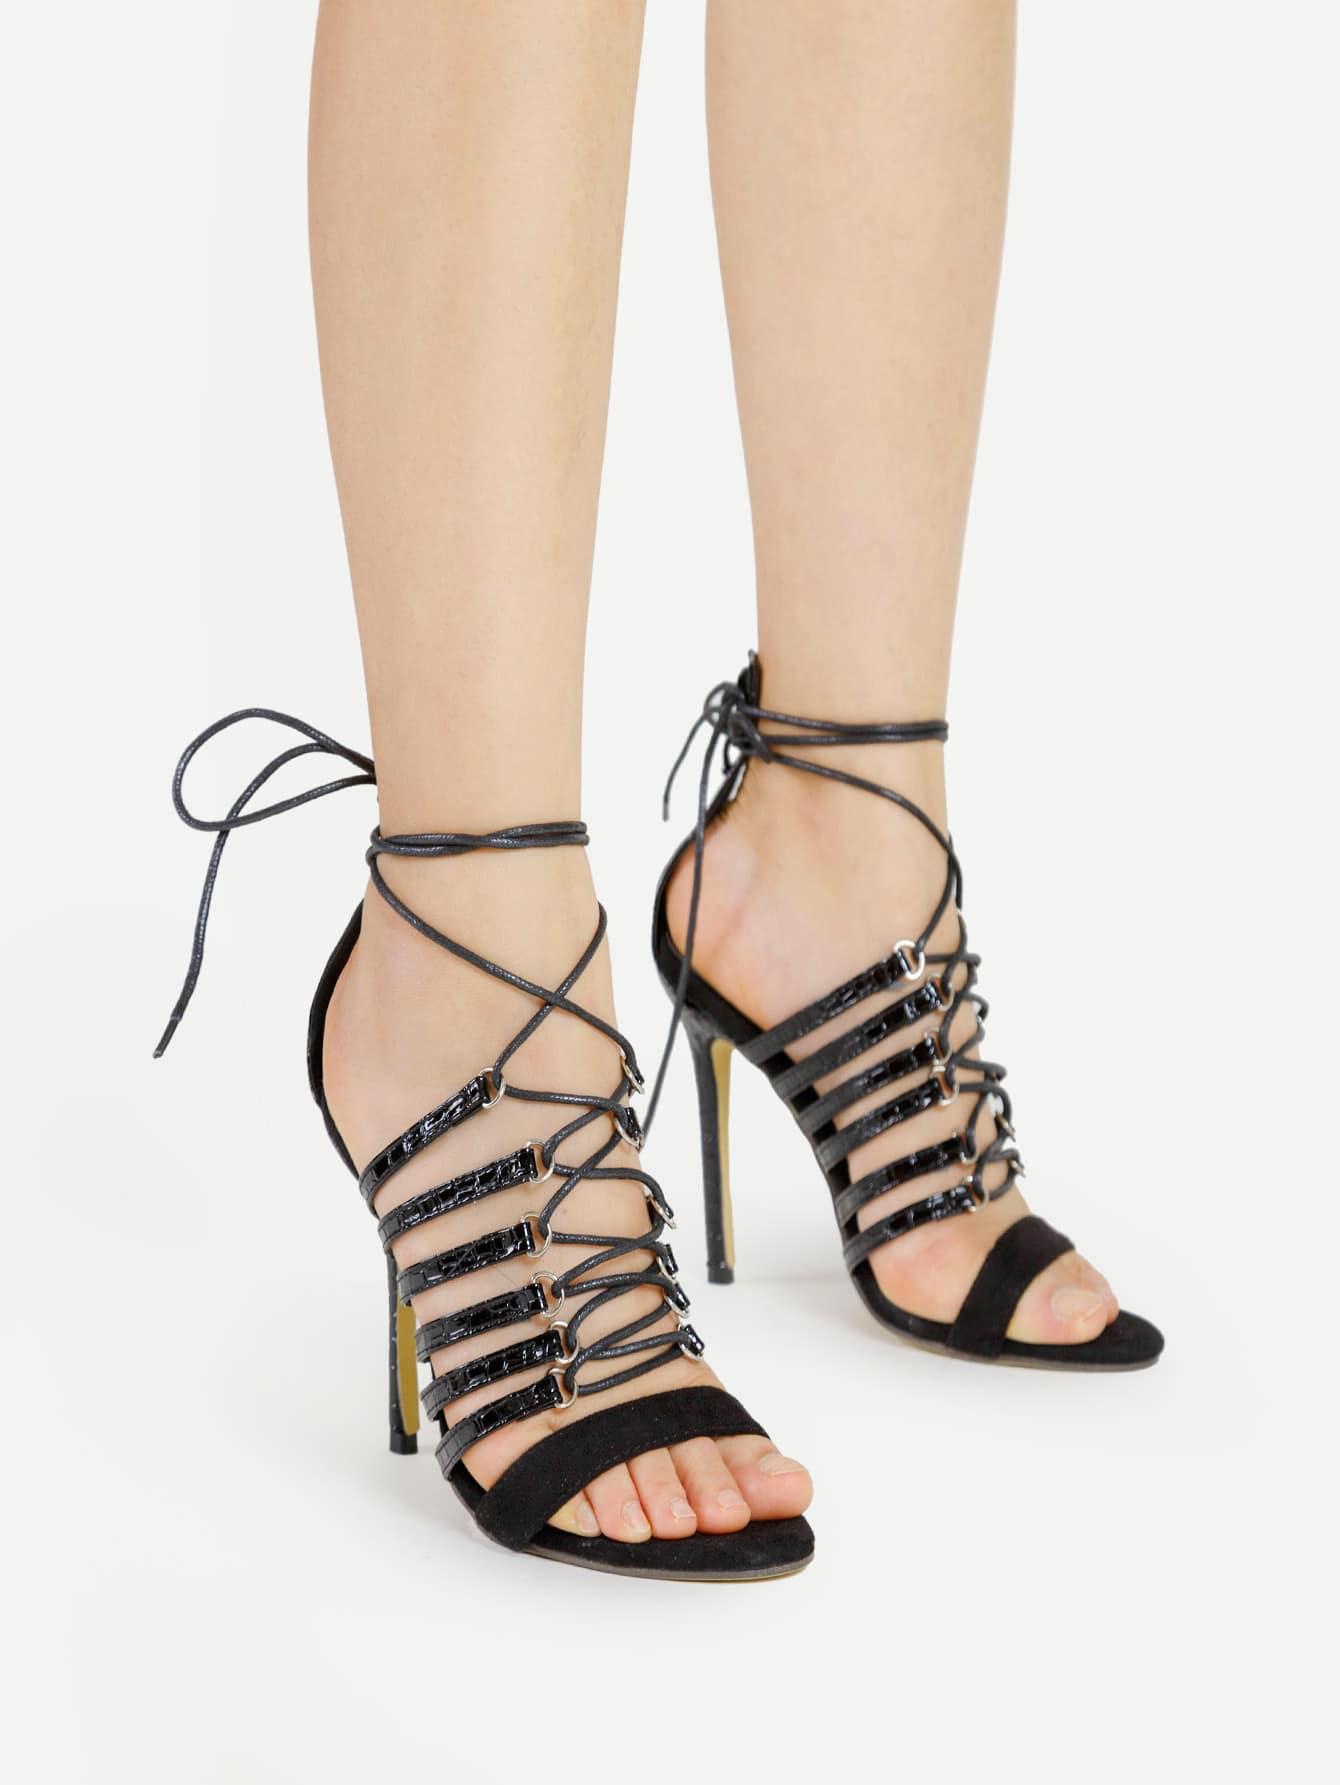 Фото Criss Cross Tie Up PU Stiletto Sandals. Купить с доставкой